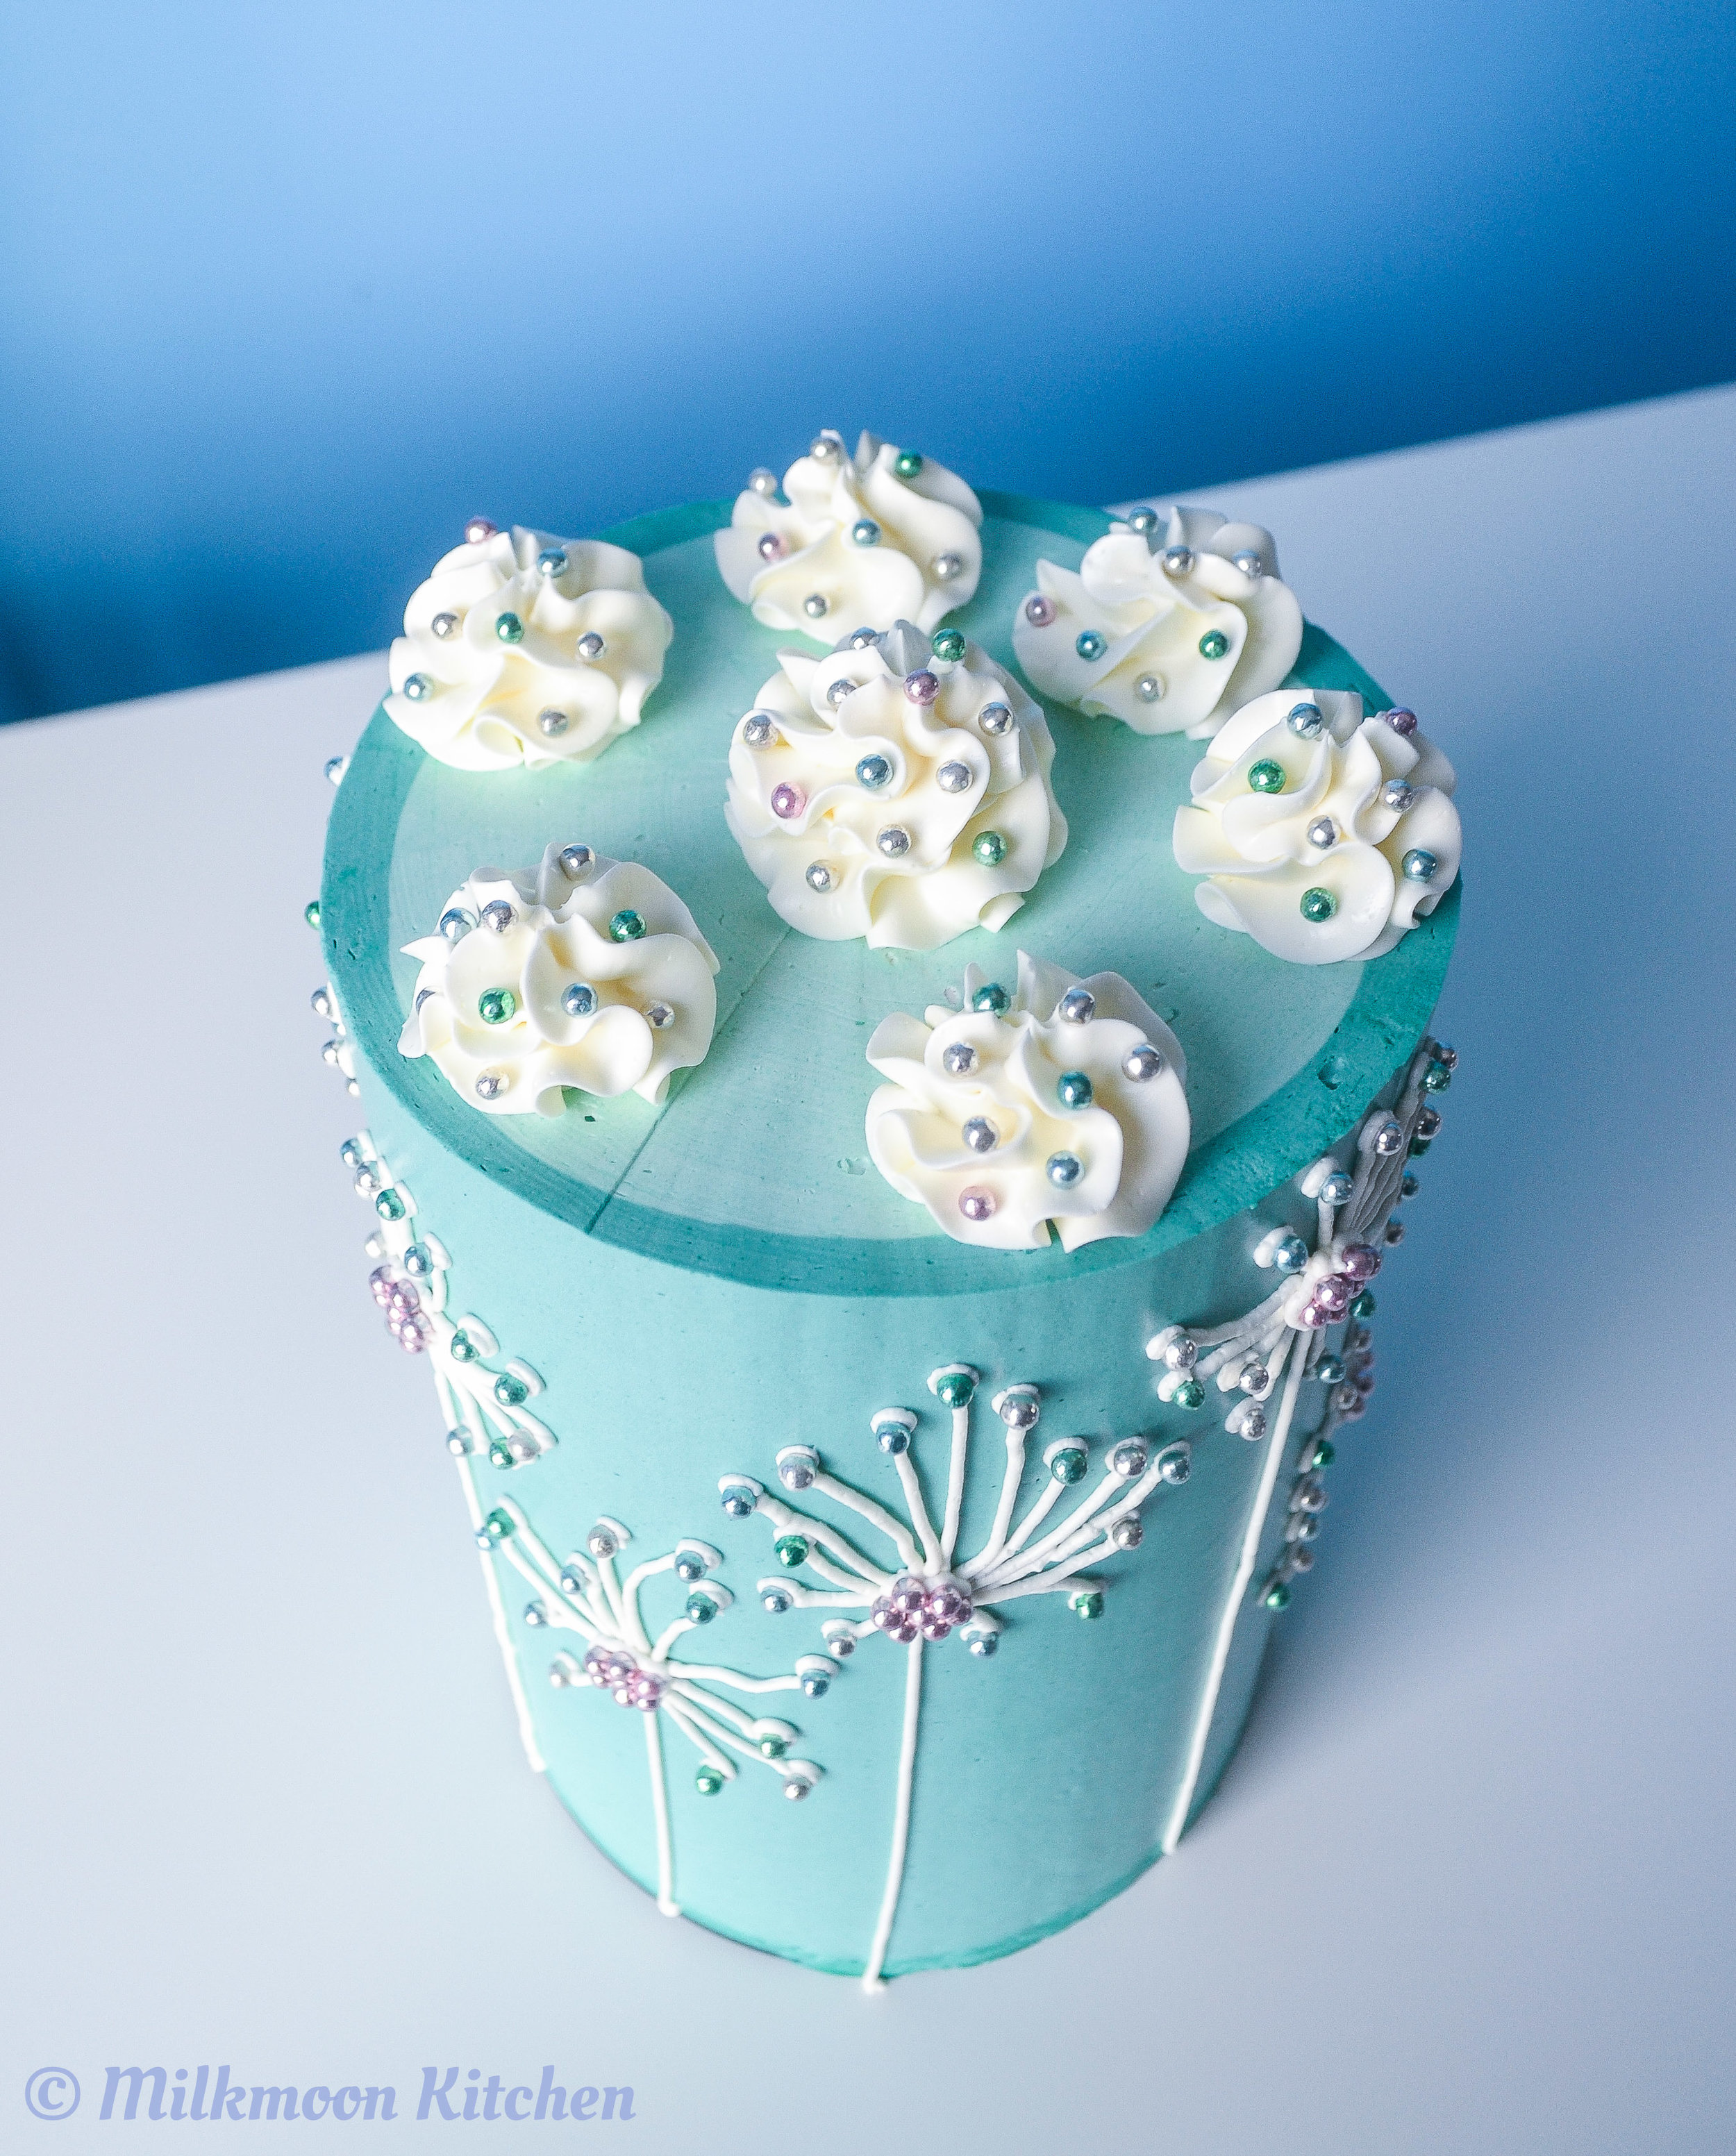 Dandelion Cake by Milkmoon Kitchen